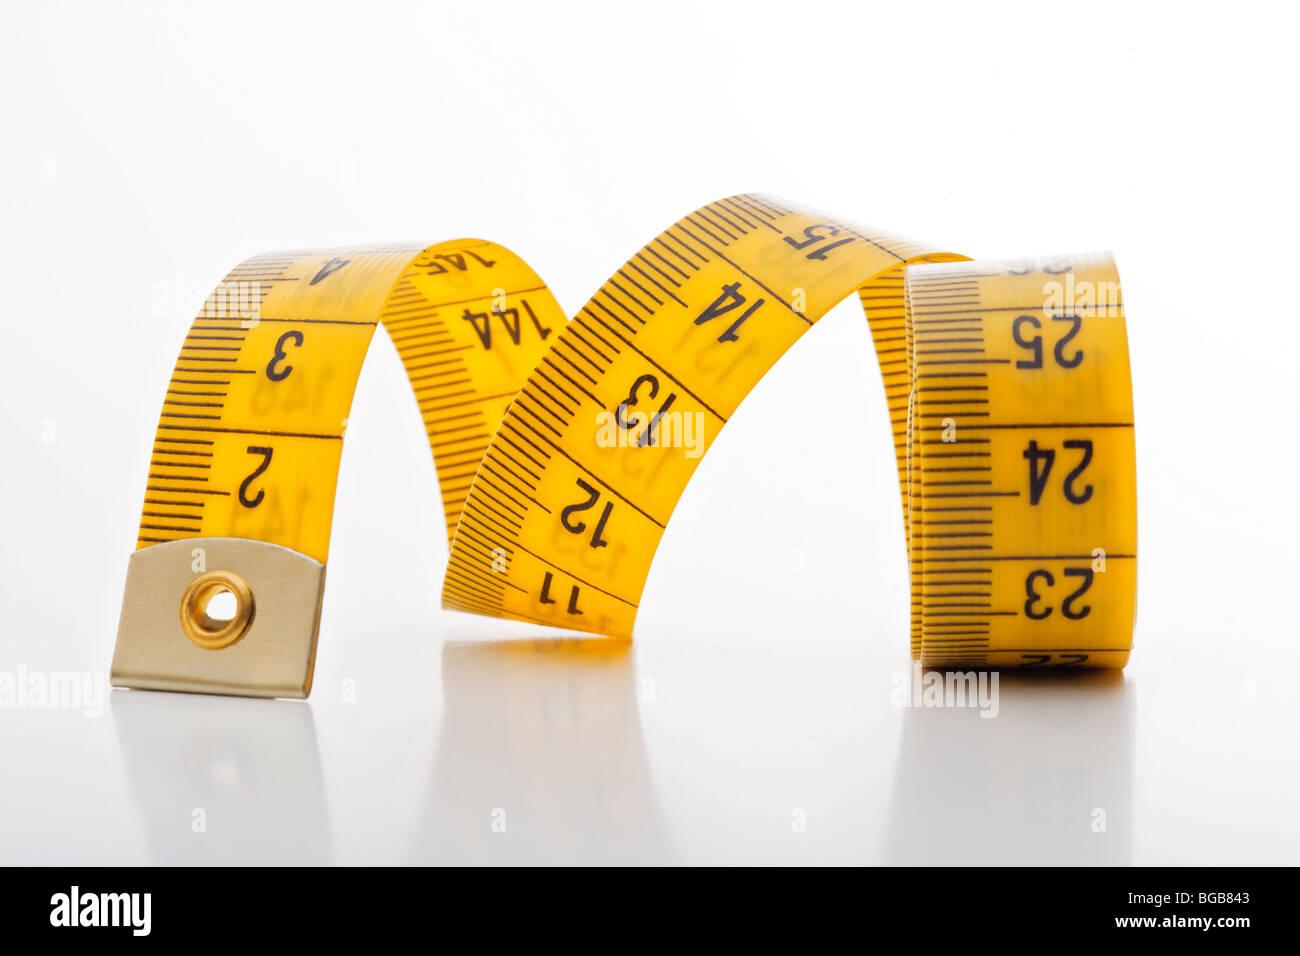 Alimentation - mètre à ruban jaune isolé sur fond blanc Photo Stock